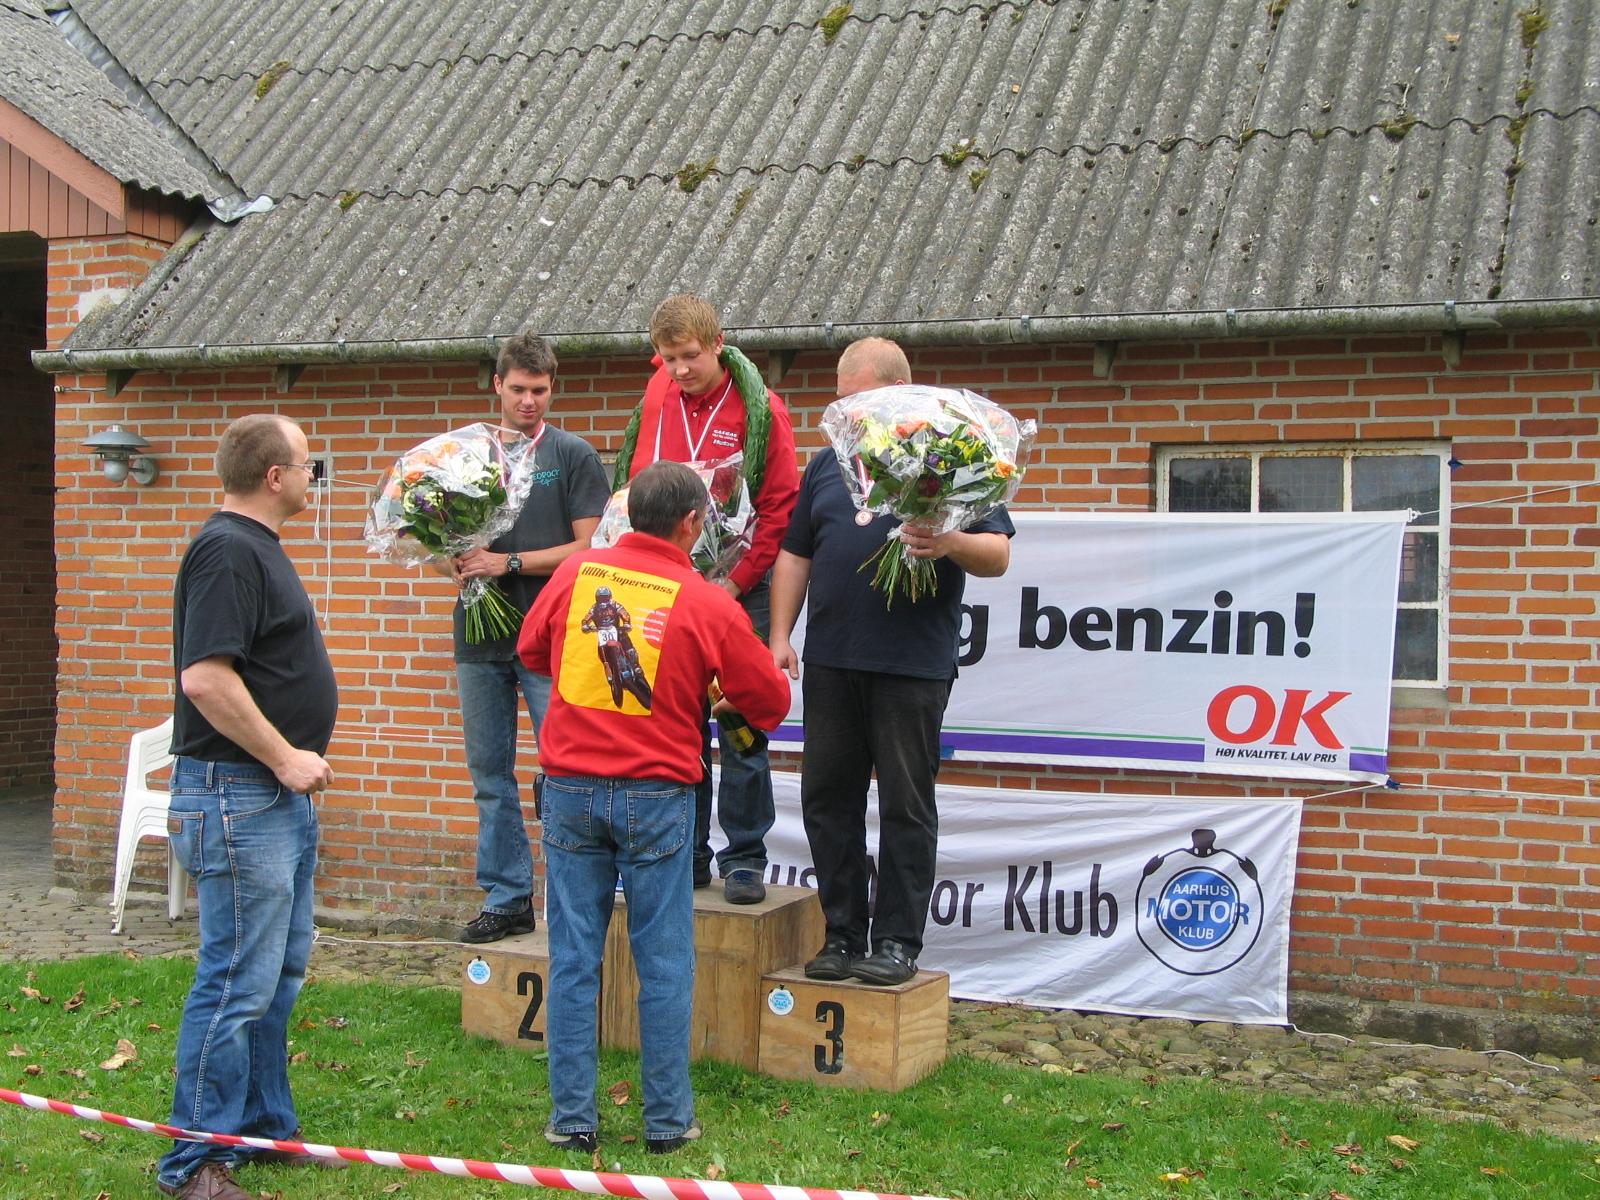 Sidste afd. af DM 2005. Bent har OK logo i orden sammen med AMK-banneret. Eliteklassens  3 bedste i DM. Fra venstre Thomas Pedersen, Niels Nicolaisen og Mark Schütt.